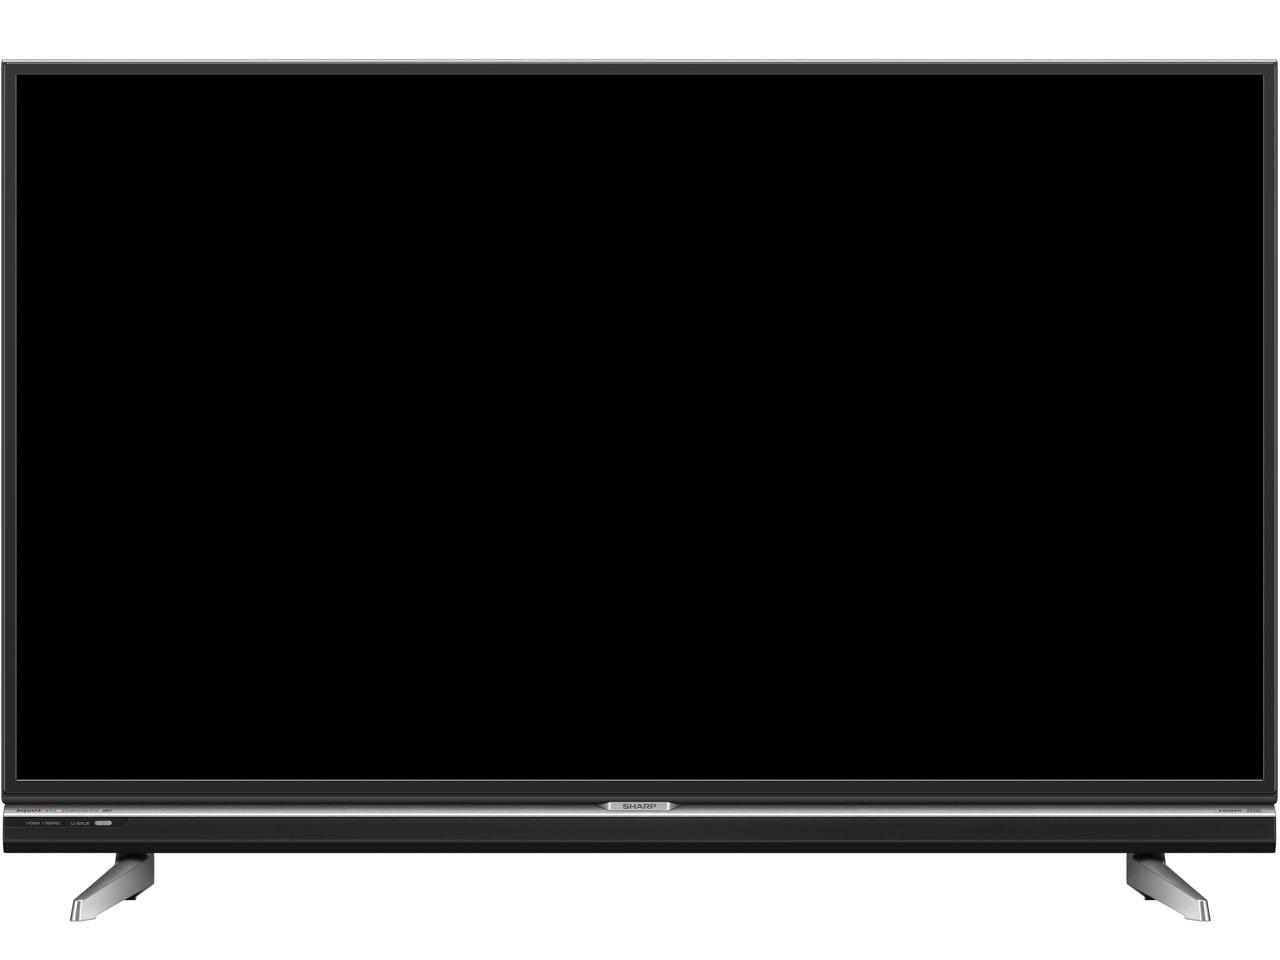 AQUOS クアトロン プロ LC-52XL20 [52インチ] の製品画像